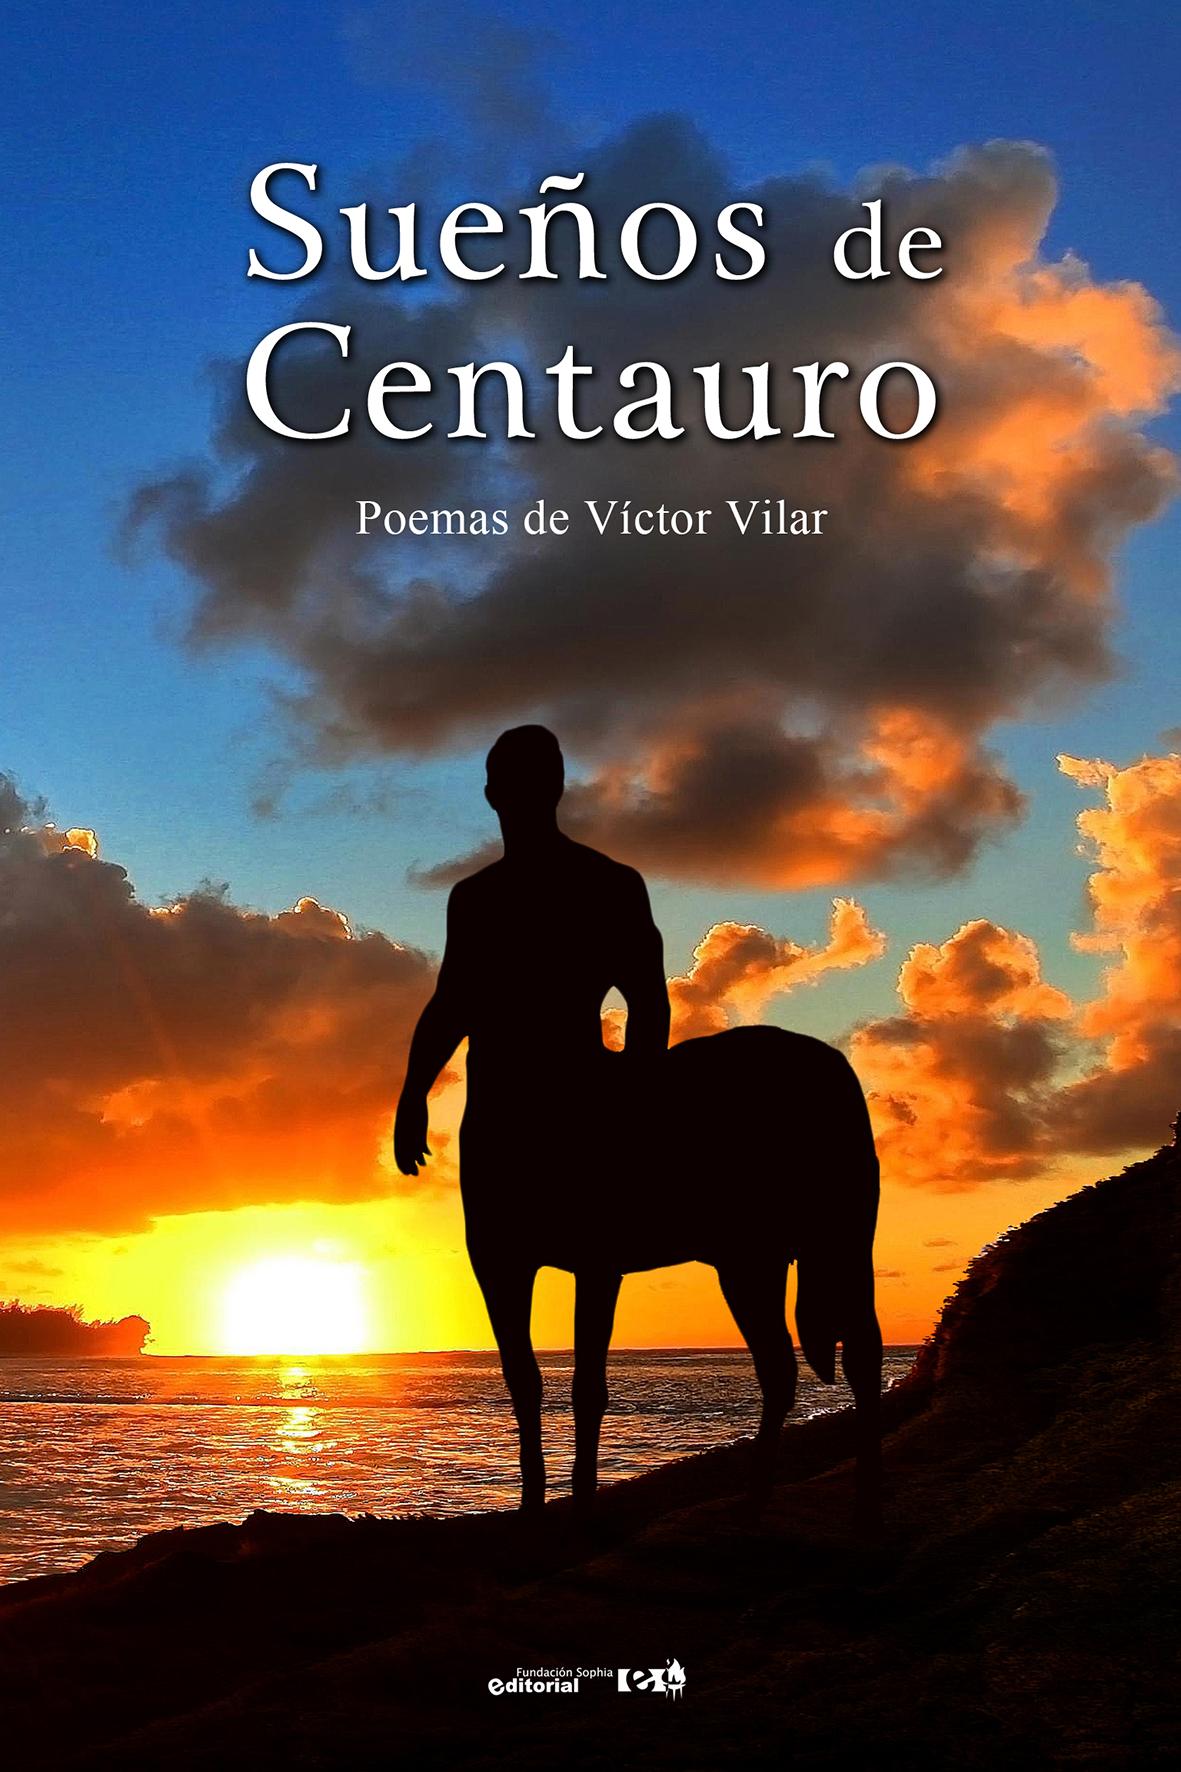 Sueños de Centauro -Víctor-Vilar